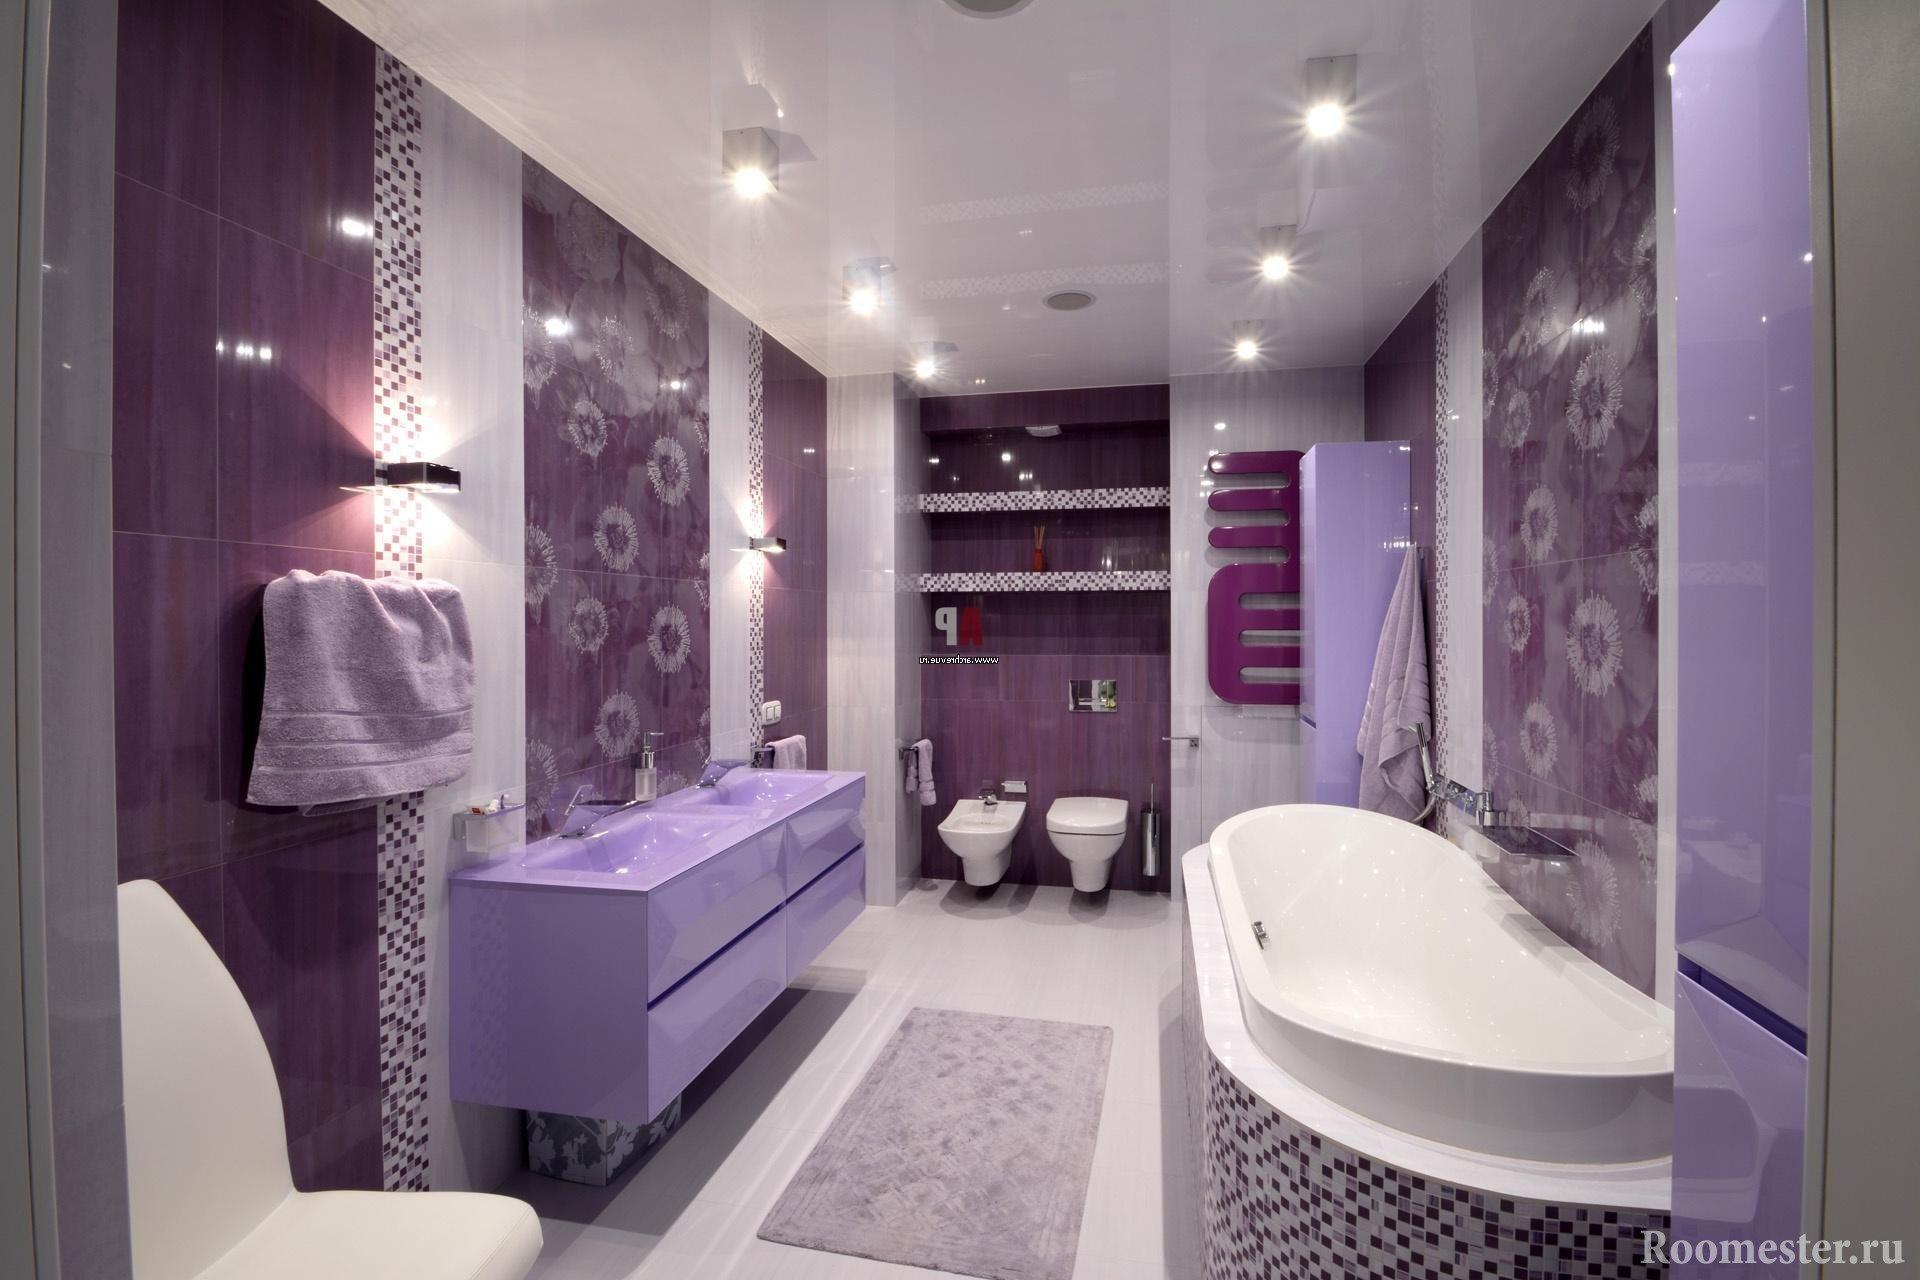 Шикарный дизайн ванной комнаты в сиреневых цветах